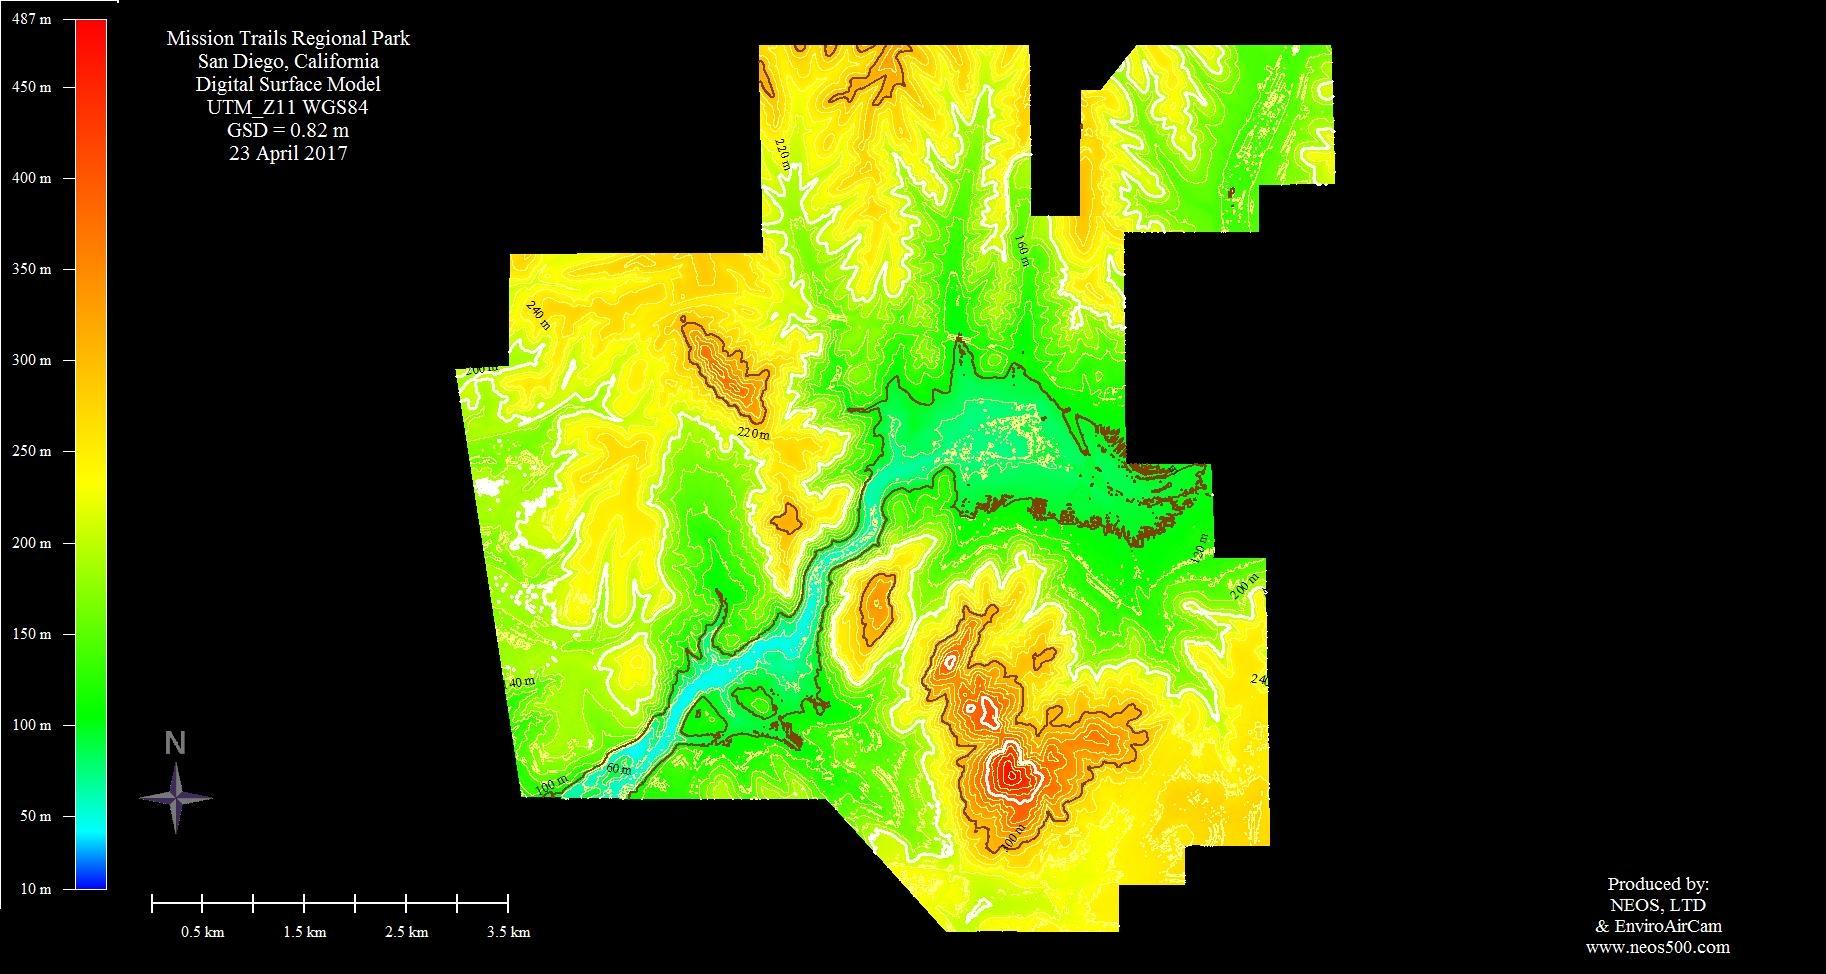 MTRP_DSM_Map_23Apr17